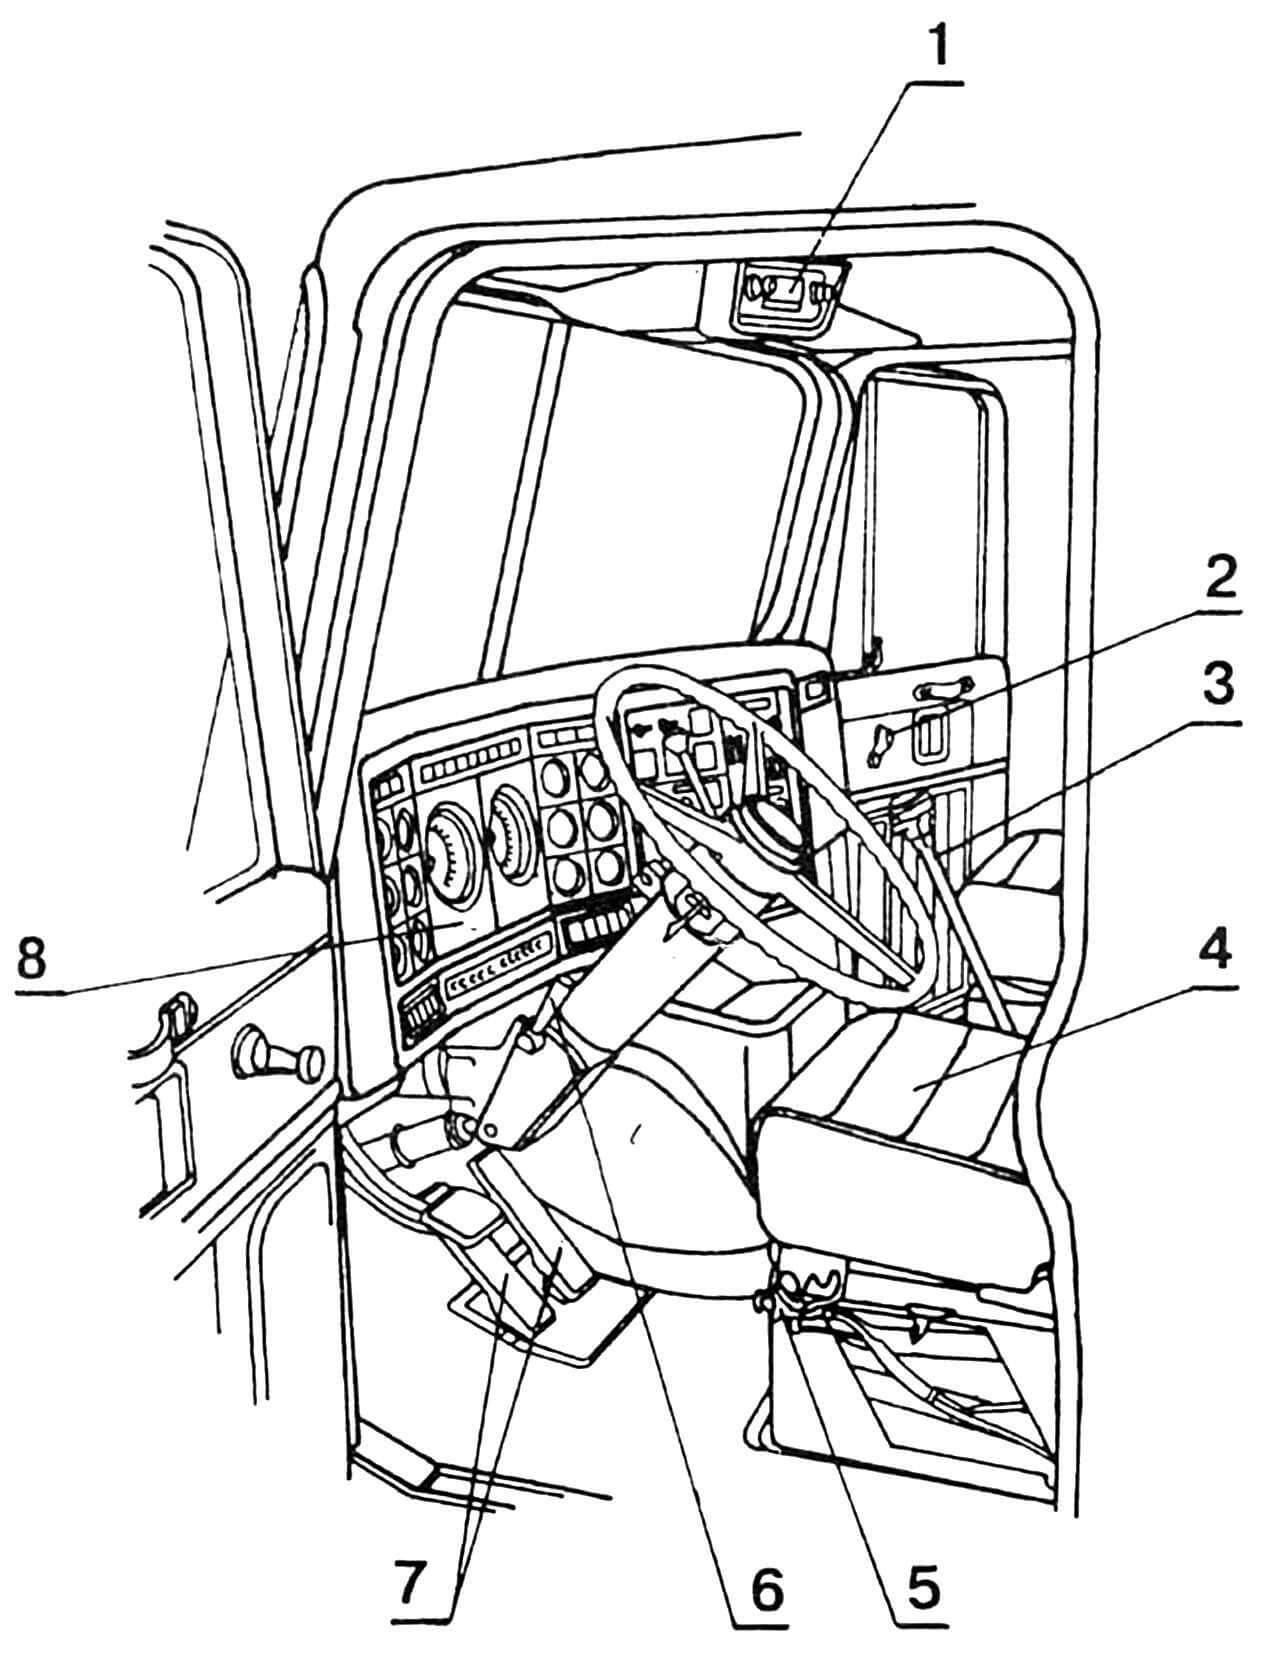 Оборудование кабины: 1 — радиоприемник, 2 — ручка опускания стекла, 3 — рычаг переключения передач, 4 — сиденье водителя, 5 — рукоятка регулировки сиденья, 6 — рукоятка регулировки наклона рулевой колонки, 7 — педали, 8 — панель приборов.